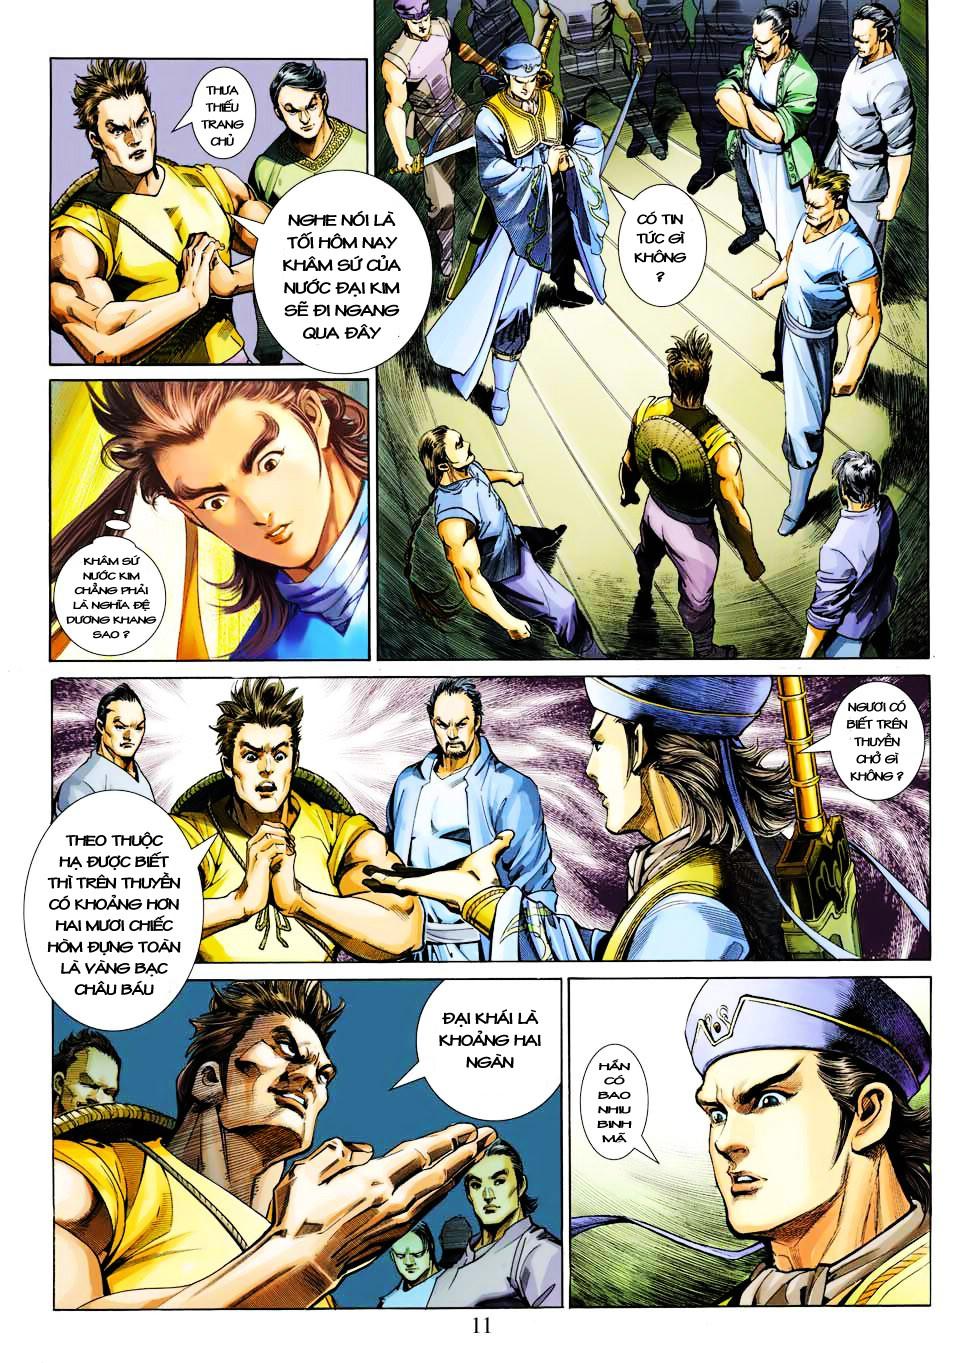 Anh Hùng Xạ Điêu anh hùng xạ đêu chap 27 trang 11